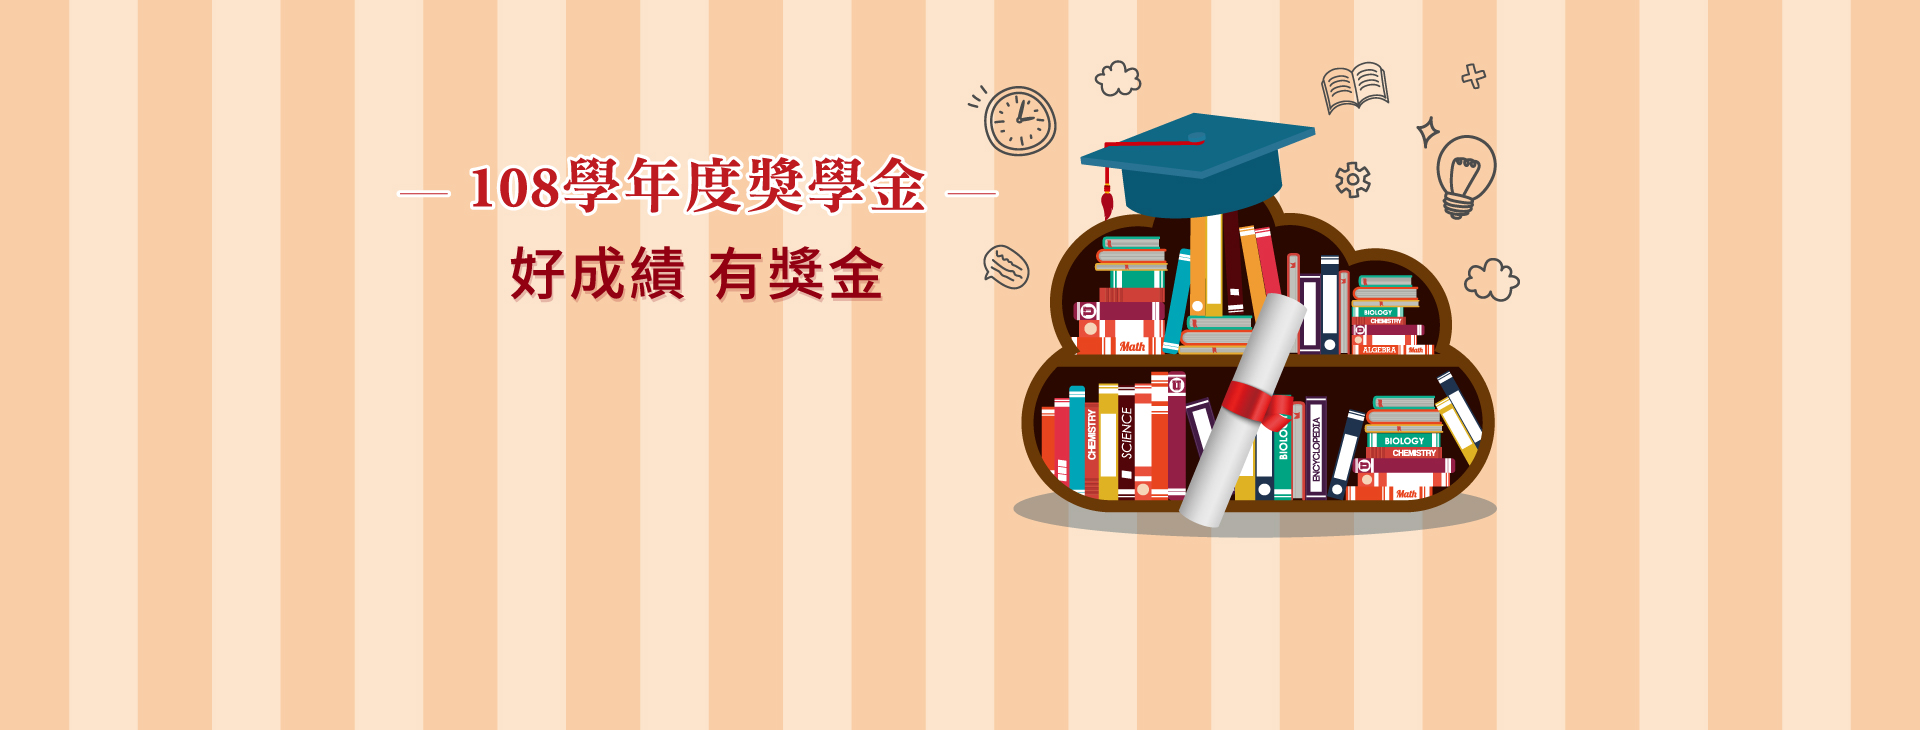 CSF 108學年度獎學金